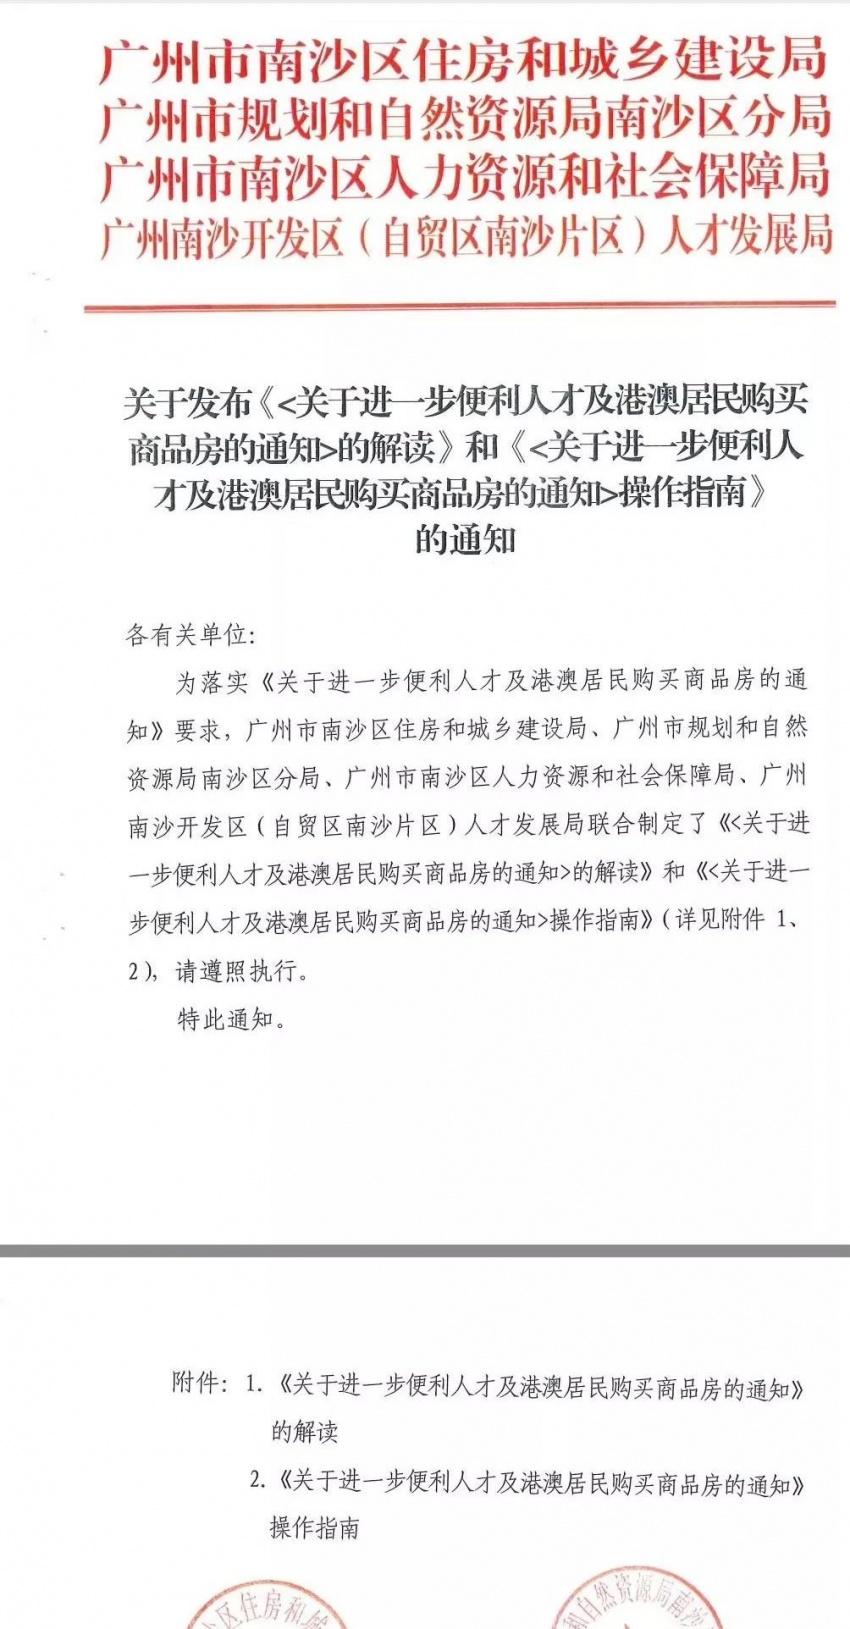 广州市南沙区放松限购细则出炉-中国网地产